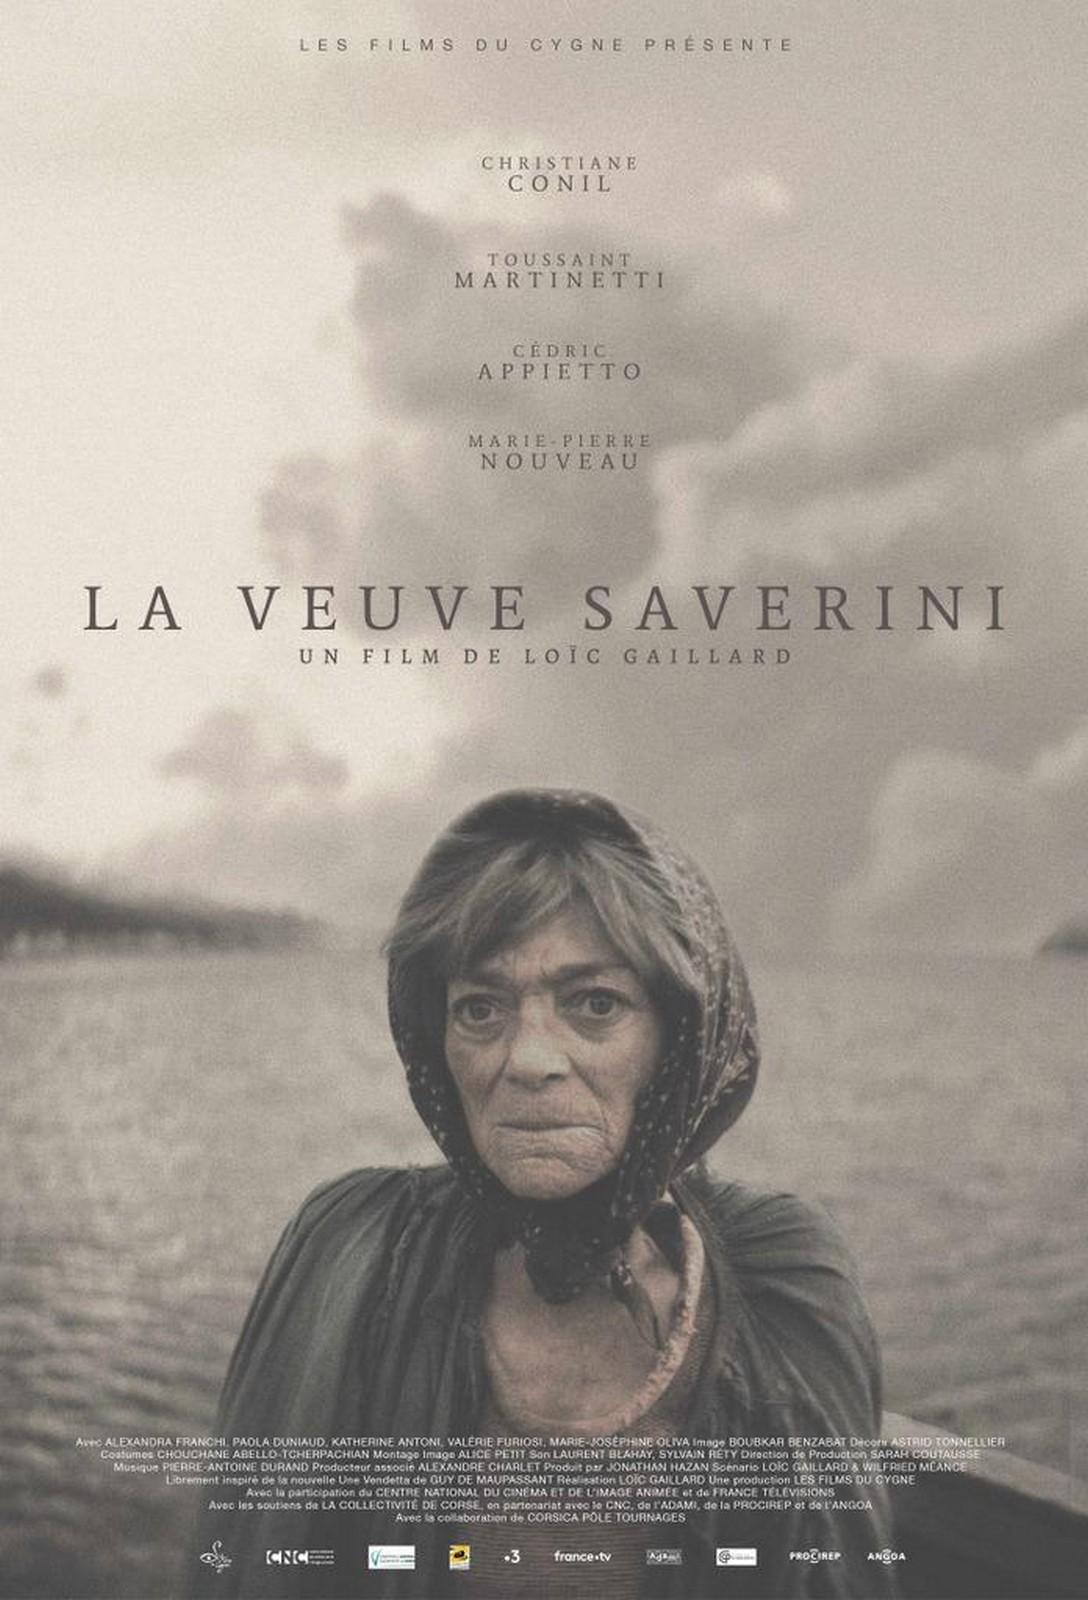 La veuve Saverini